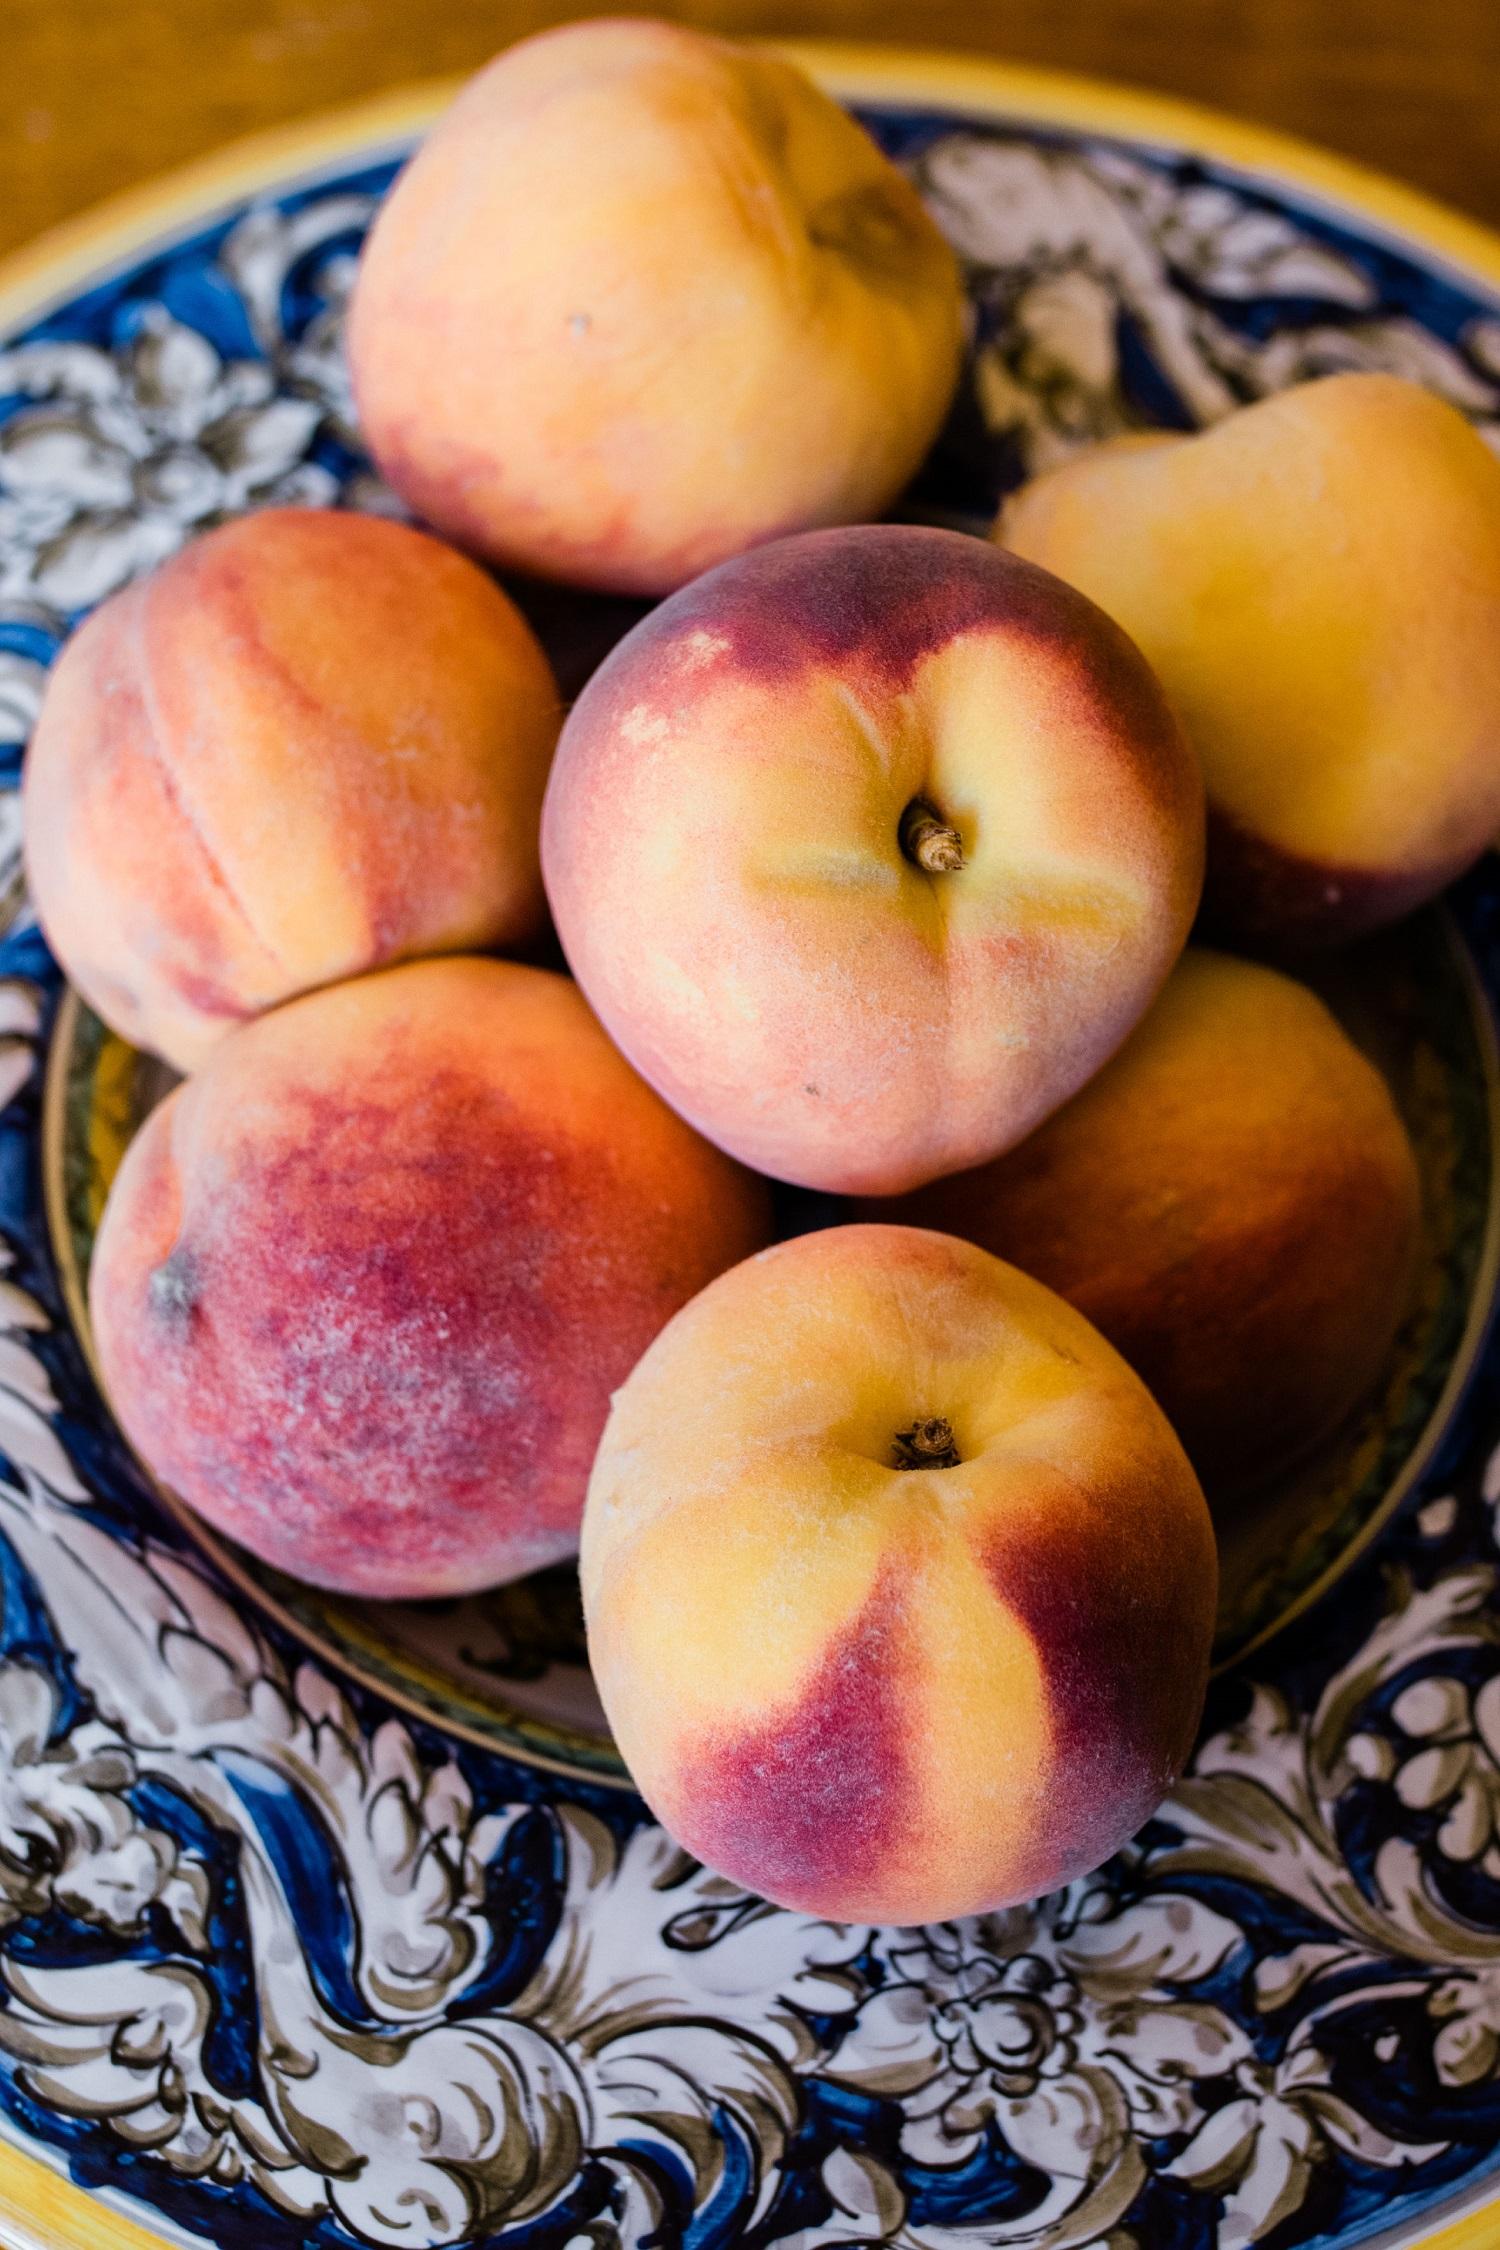 fresh-peaches-in-bowl-close-up.jpg